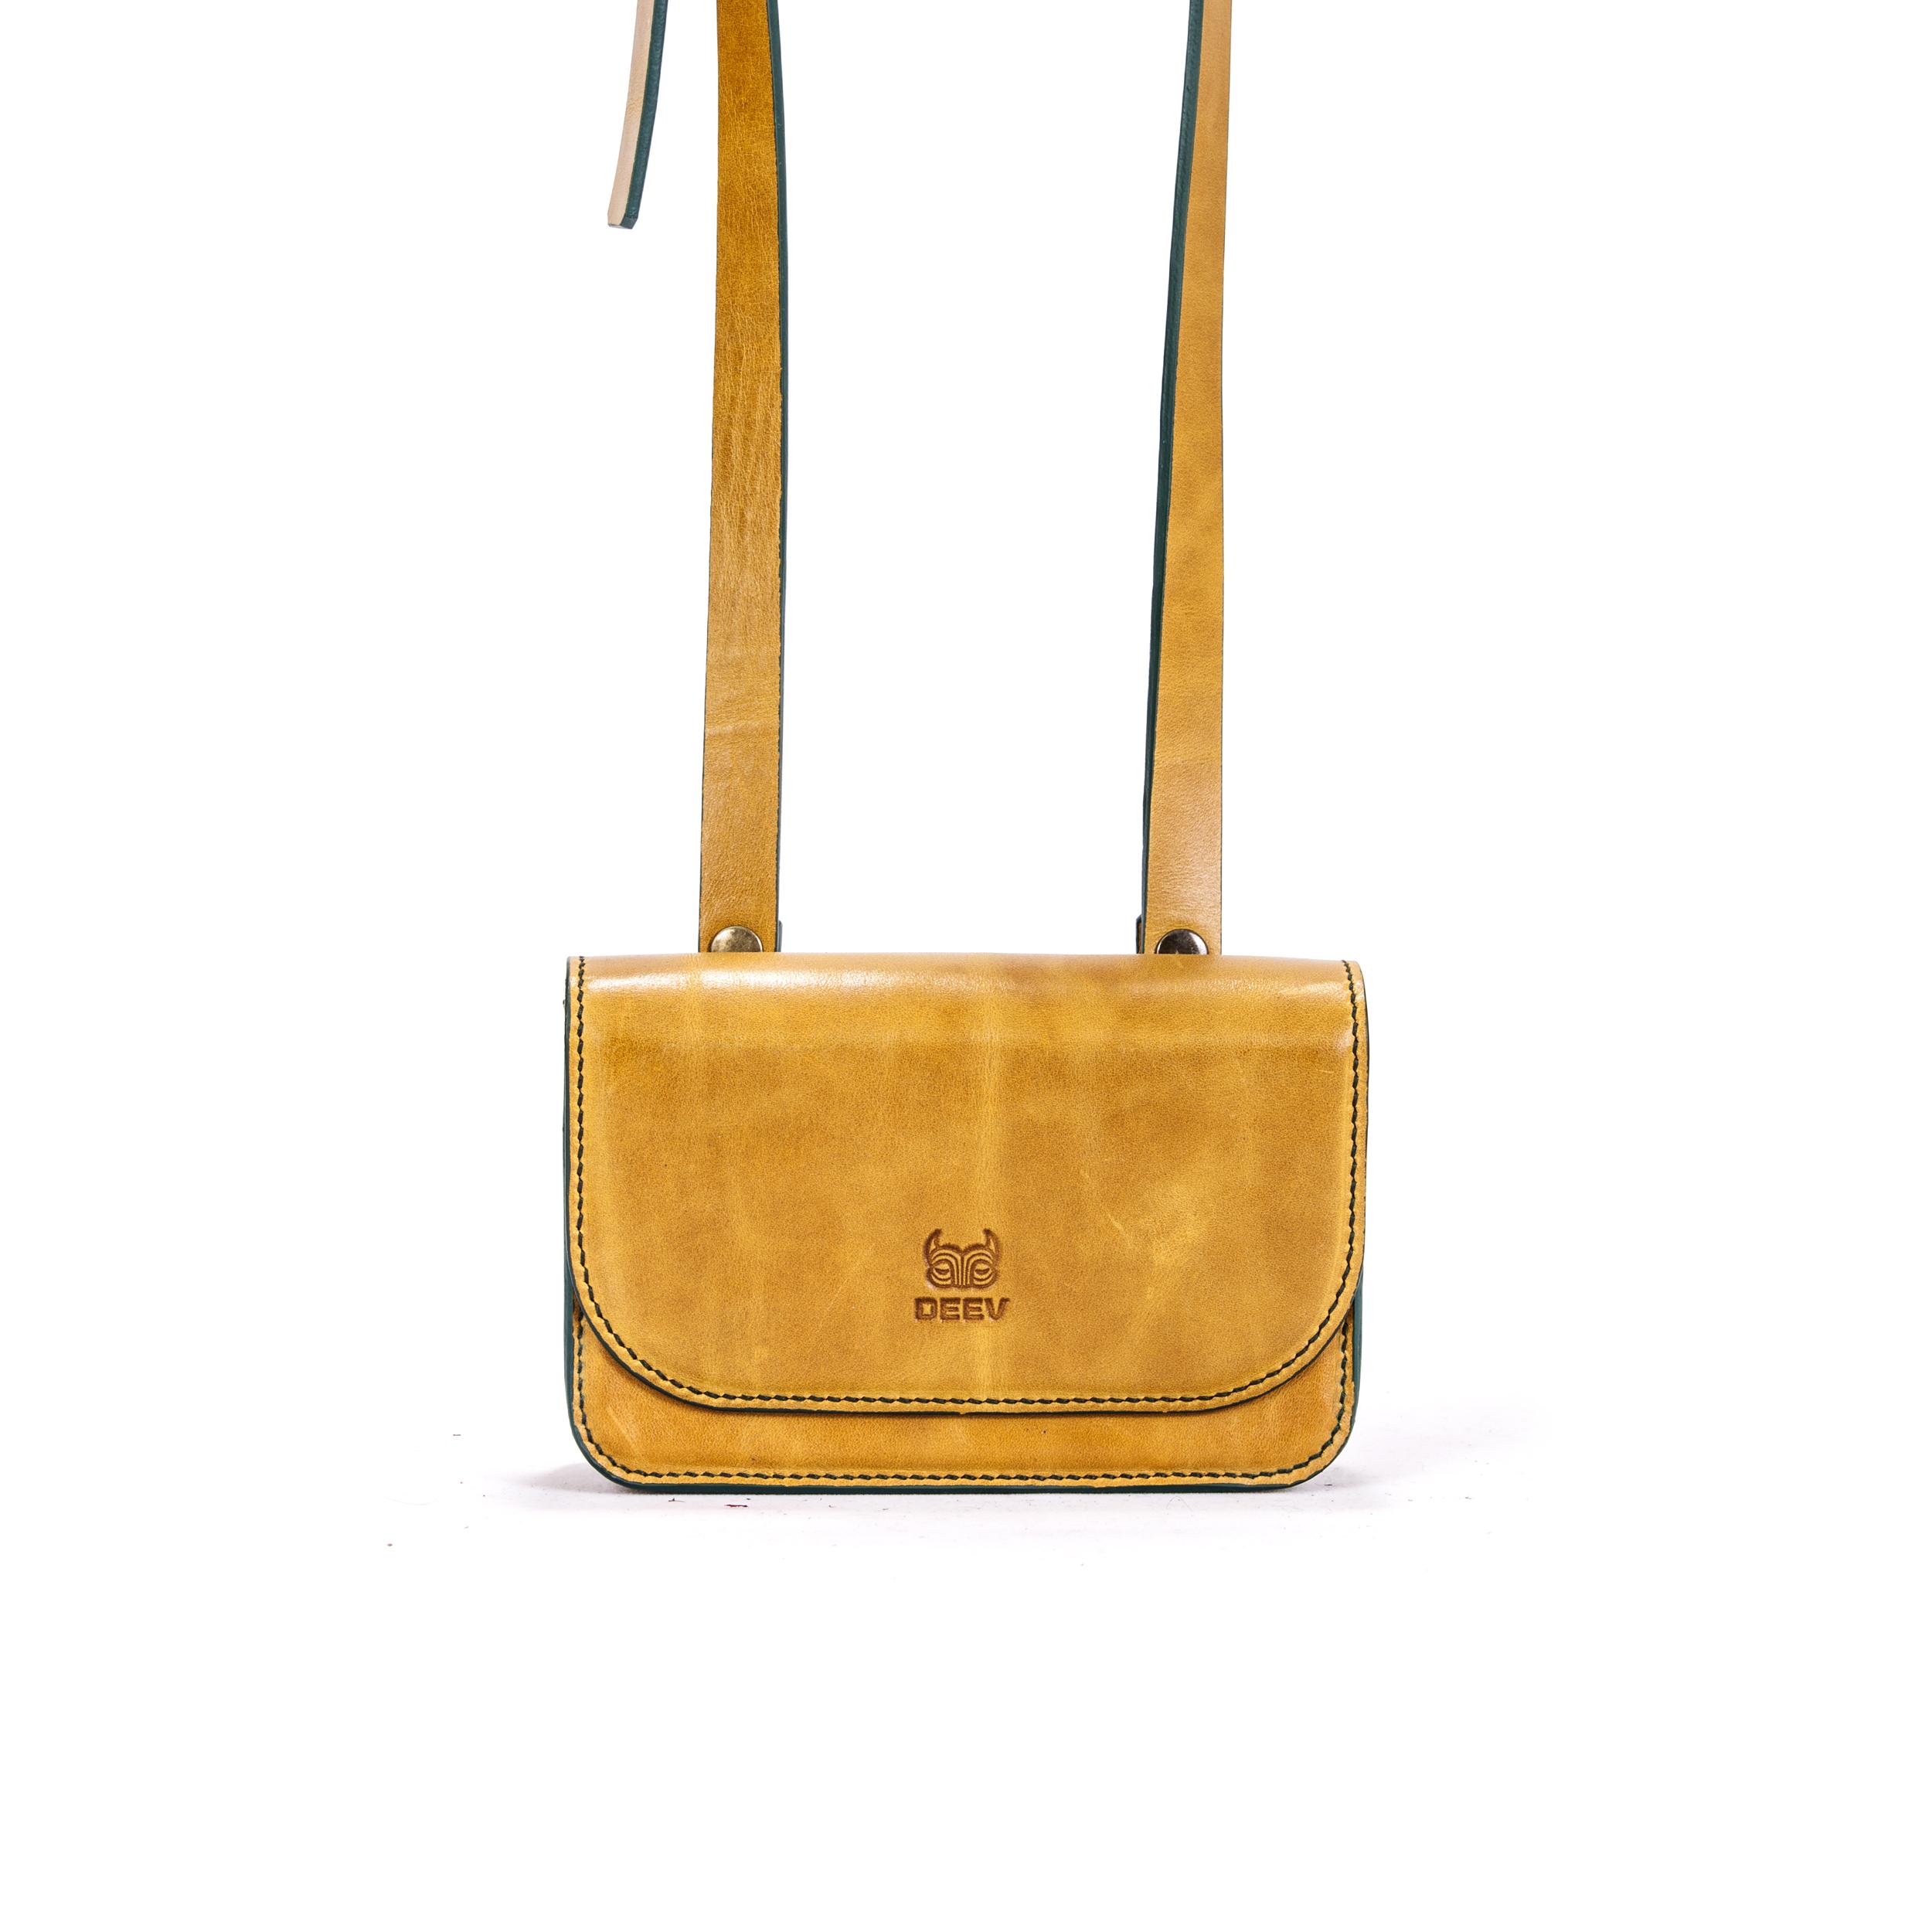 کیف کمری زنانه دیو مدل 1573137-15